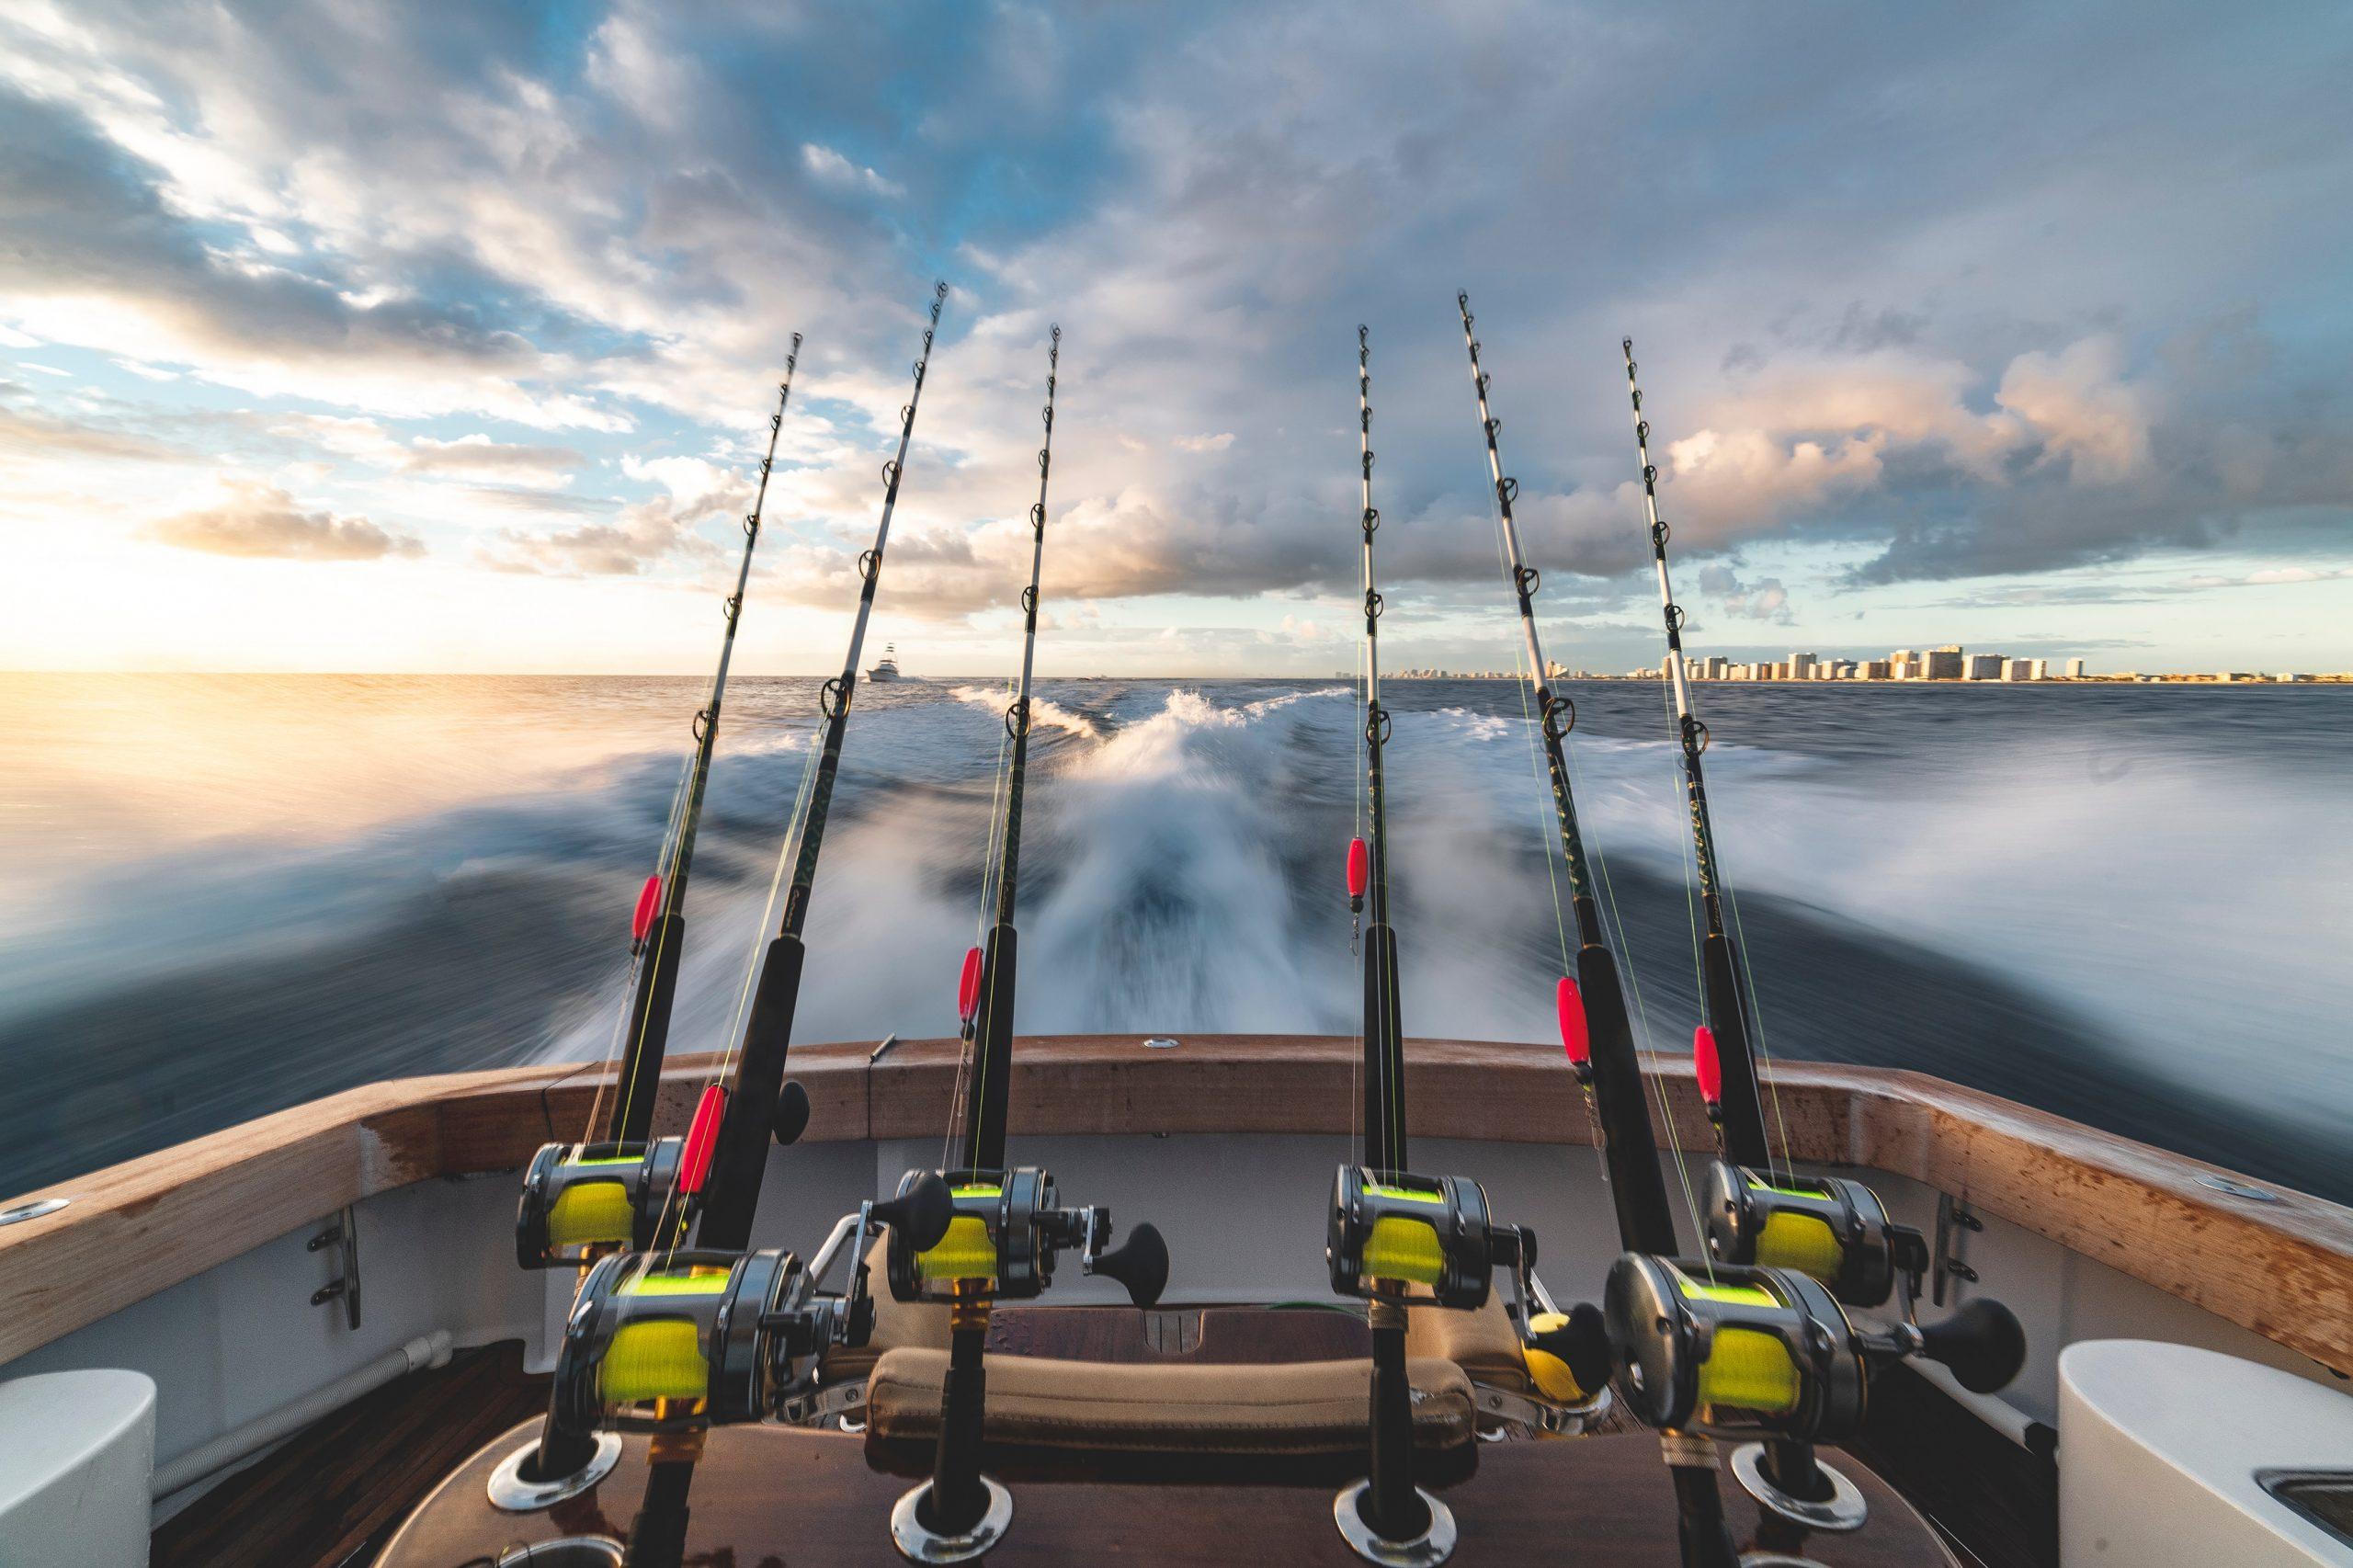 Best Bait for Surf Fishing